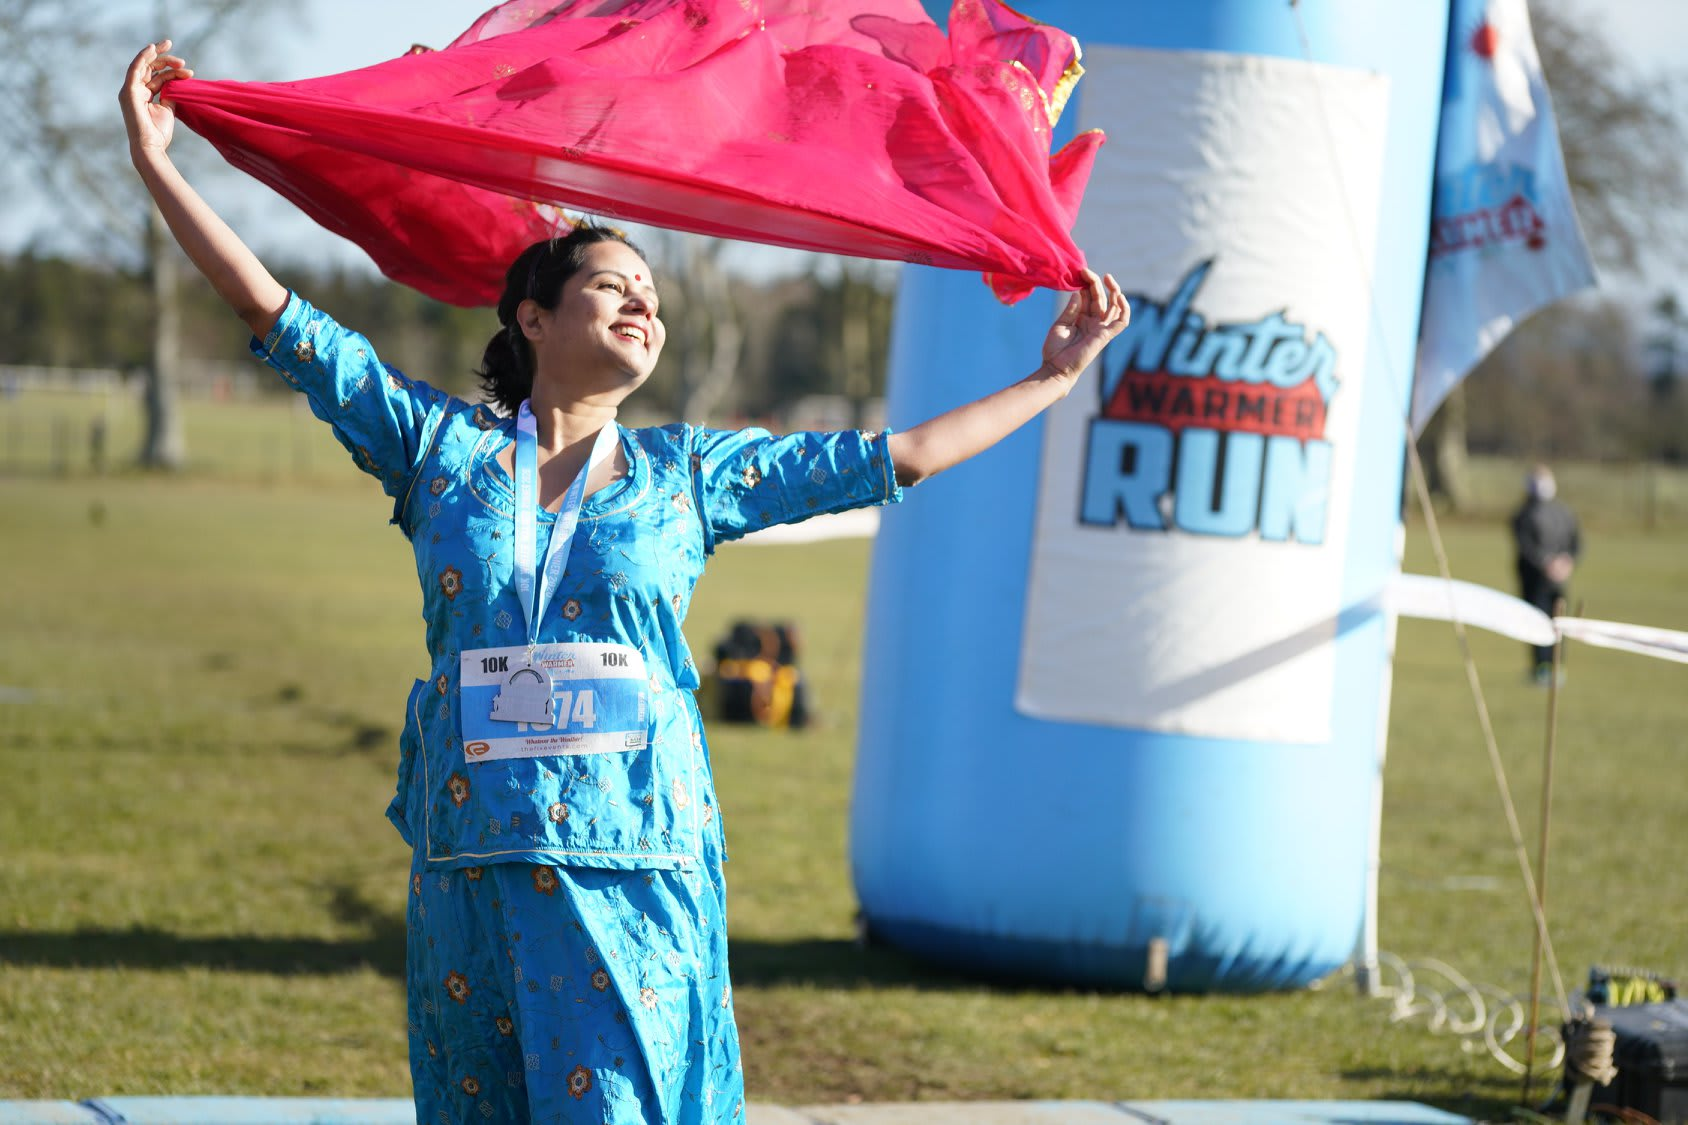 The London 5k, 10k and Half Marathon Winter Warmer Run